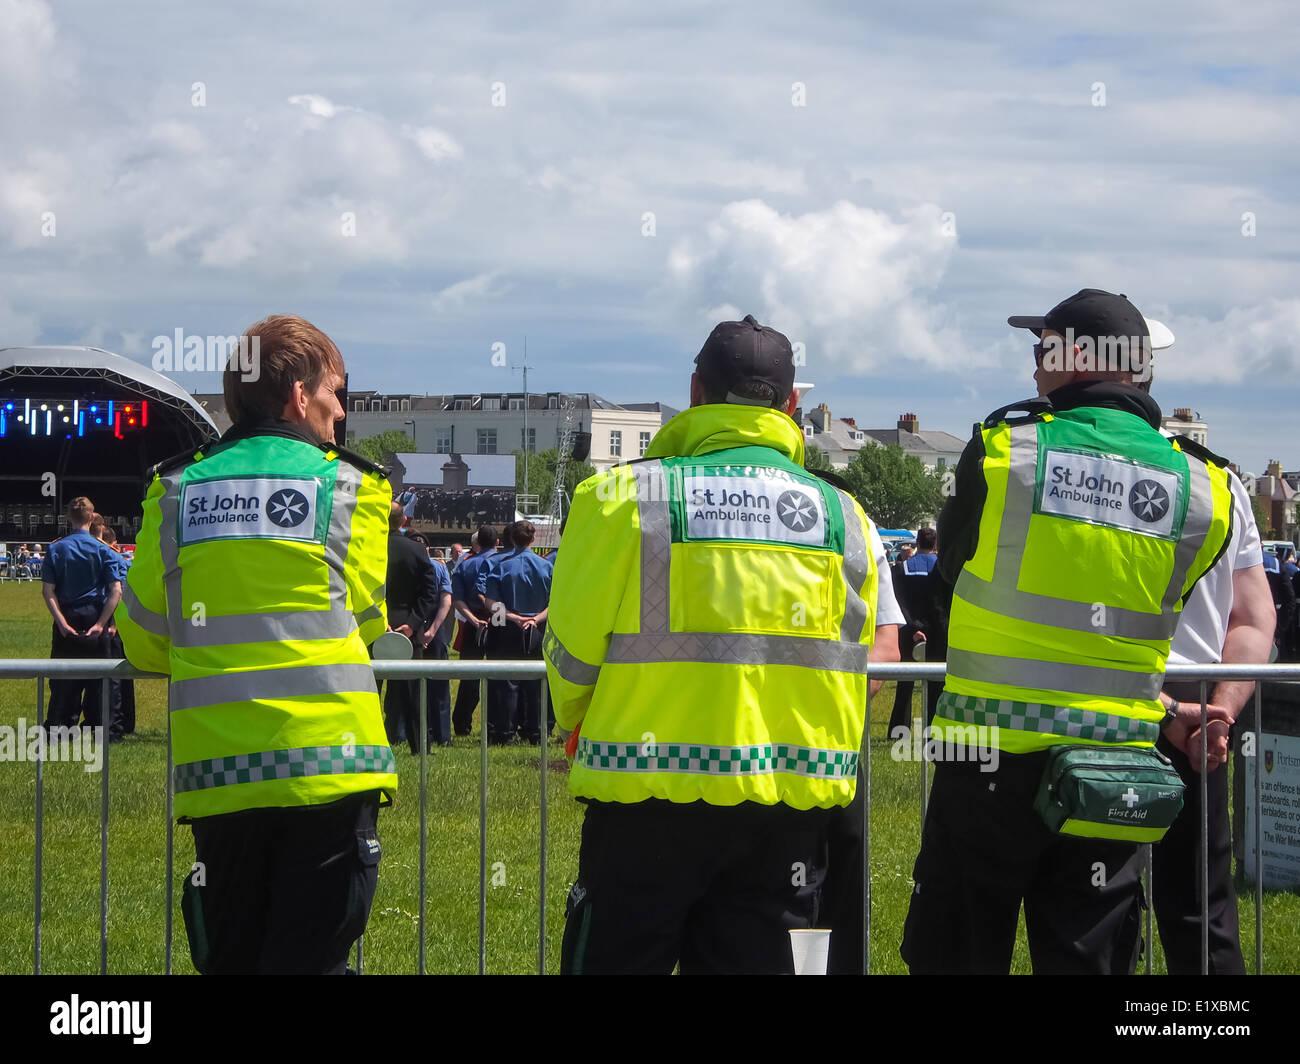 Una vista posteriore dei membri della St Johns Ambulance indossa giacche ad alta visibilità Immagini Stock